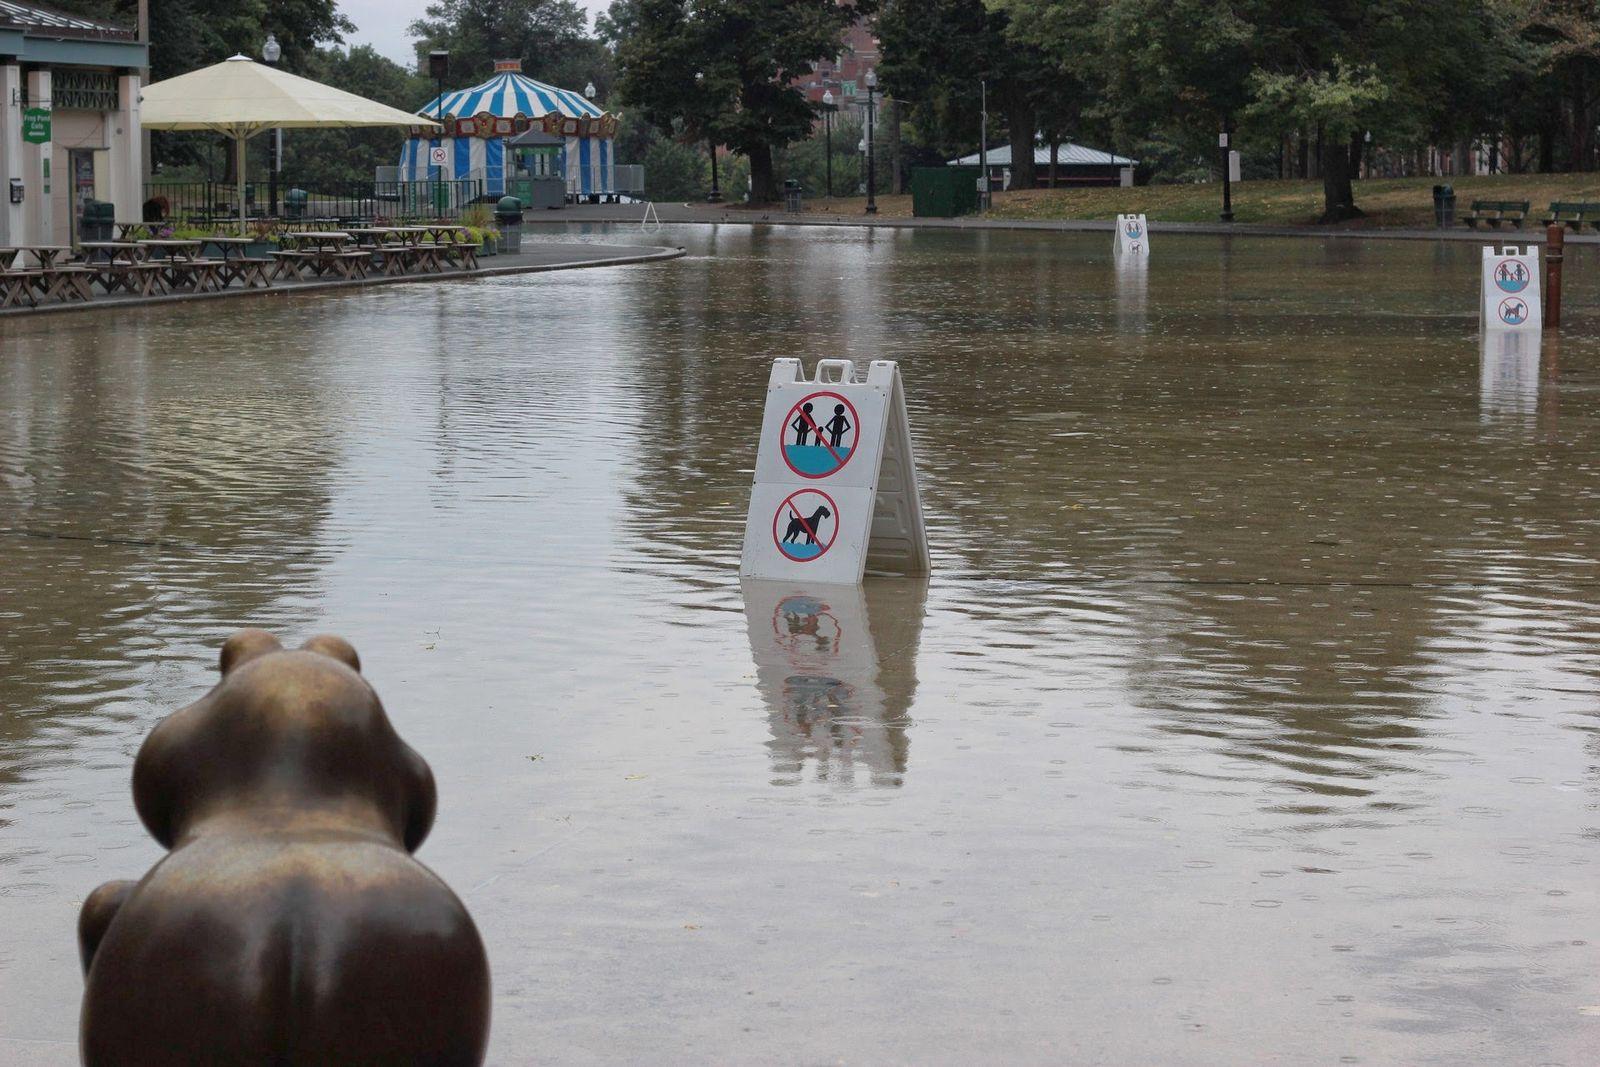 El Frog Pond, testigo de la lluvia